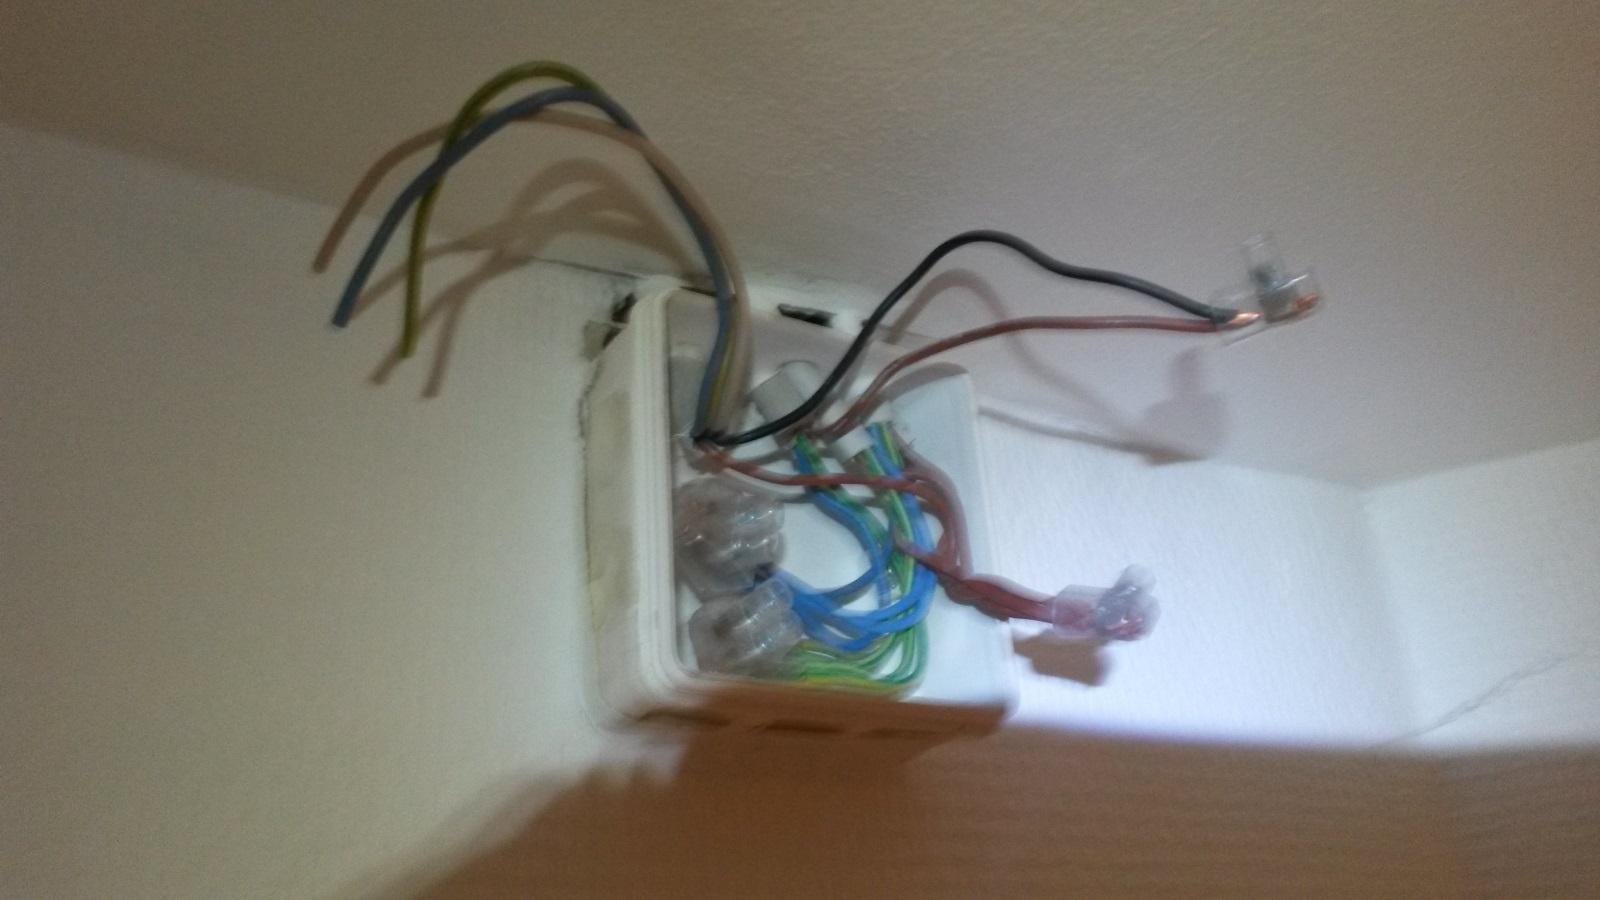 #446687 Mest effektive Opsætning Af Lampe Lav Det Selv.dk Forum Lav Det Selv.dk Gør Det Selv Lampe 5655 16009005655